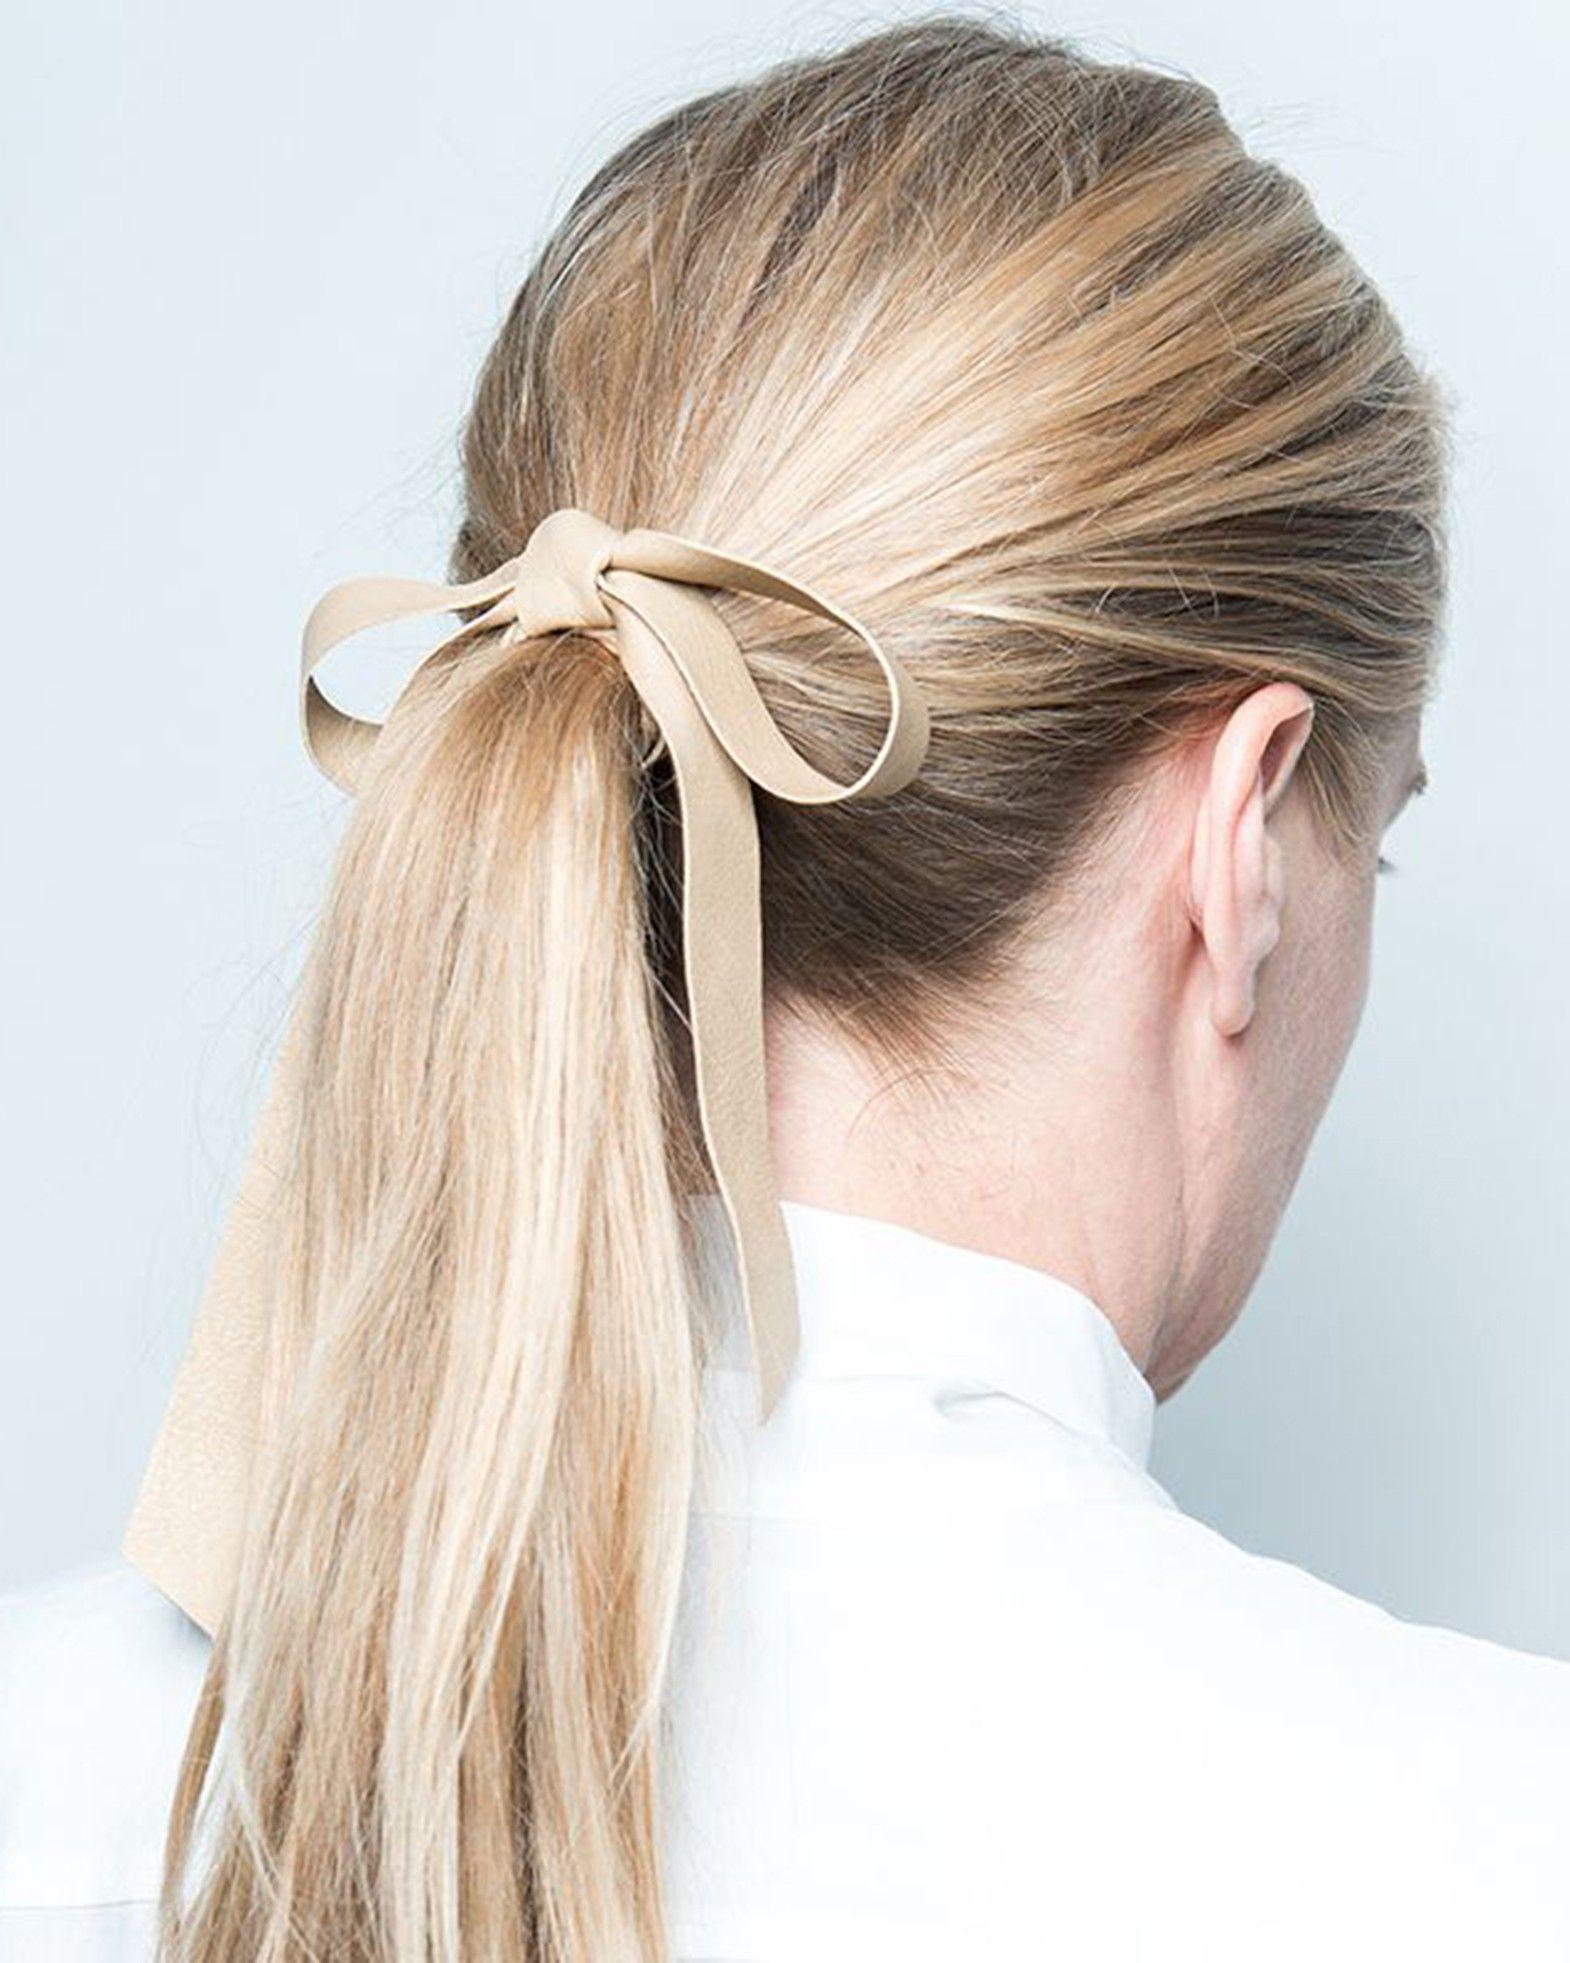 hårspännen för tjockt hår